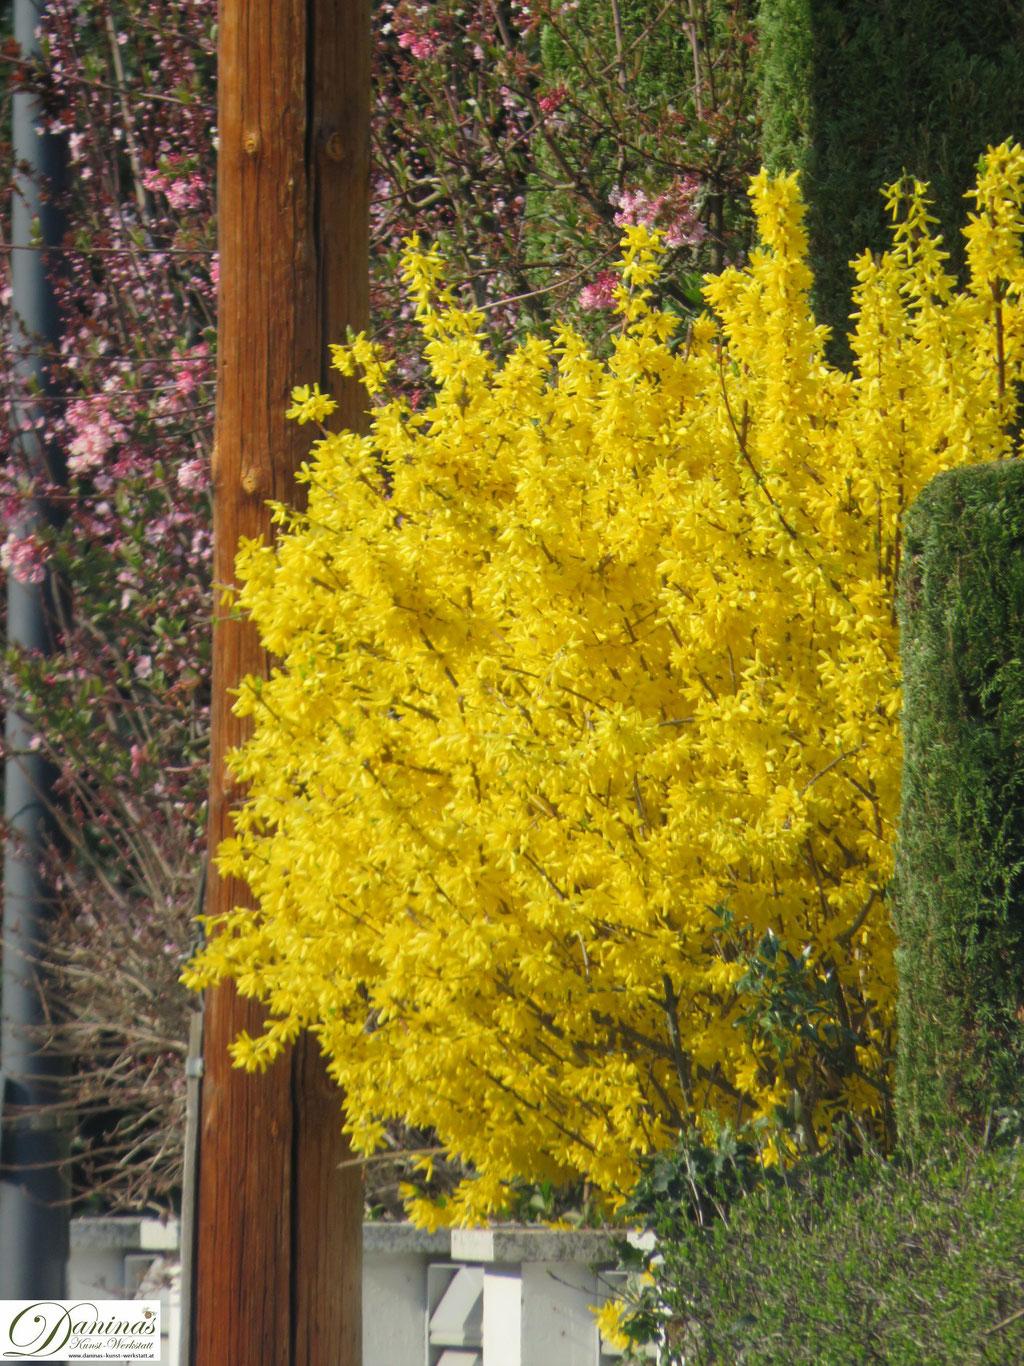 Gelb blühender Forsythienstrauch im Frühling